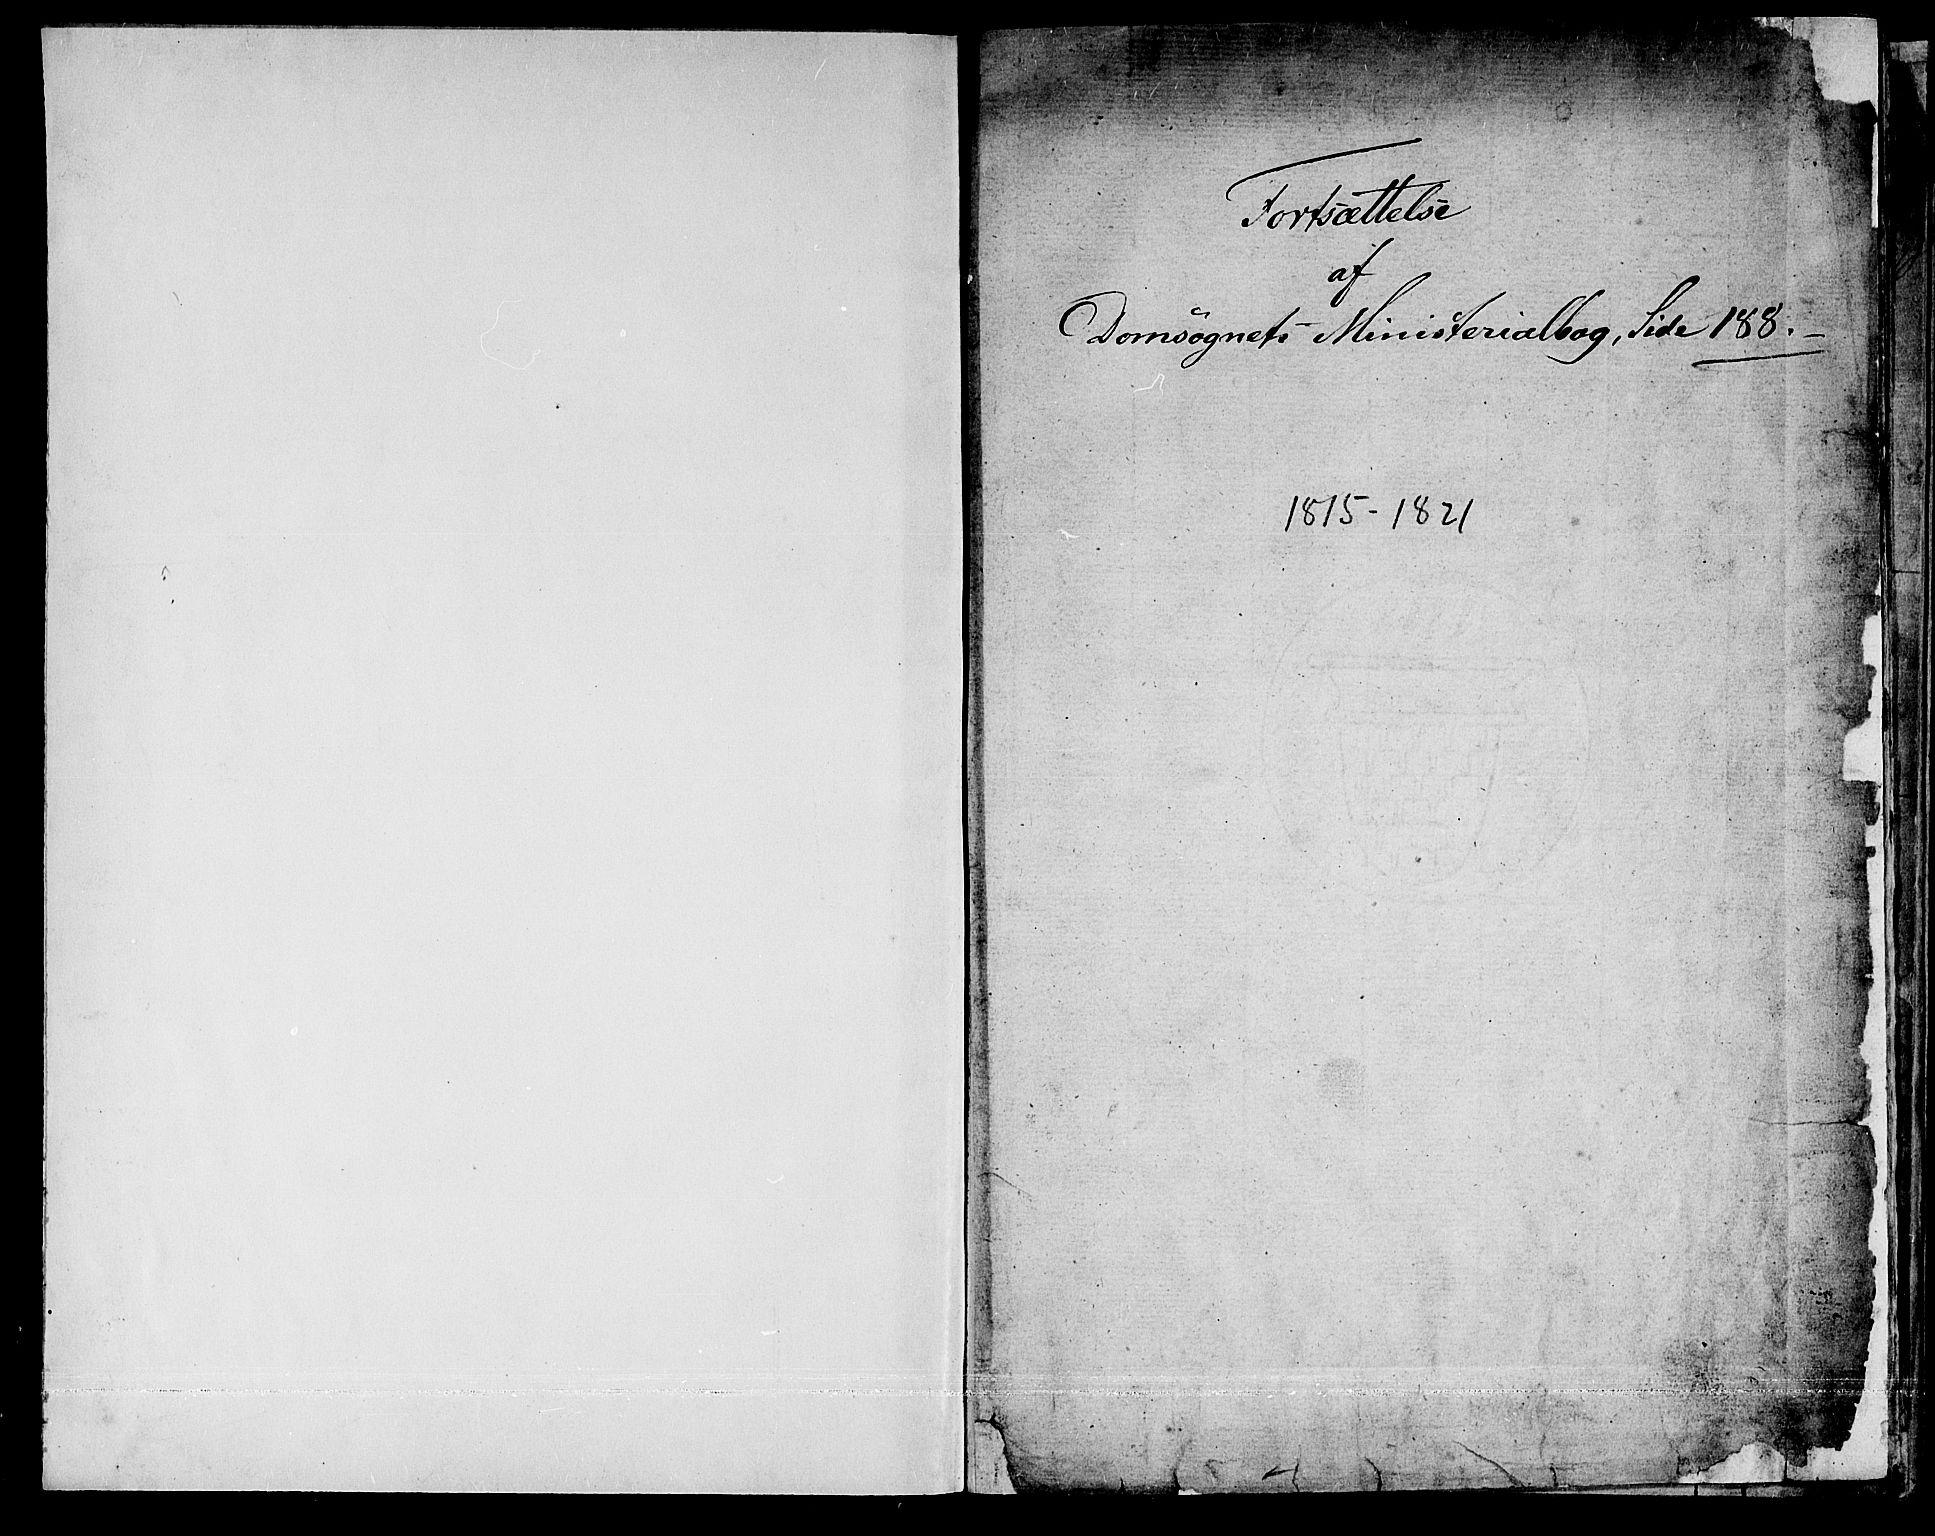 SAT, Ministerialprotokoller, klokkerbøker og fødselsregistre - Sør-Trøndelag, 601/L0044: Ministerialbok nr. 601A12, 1820-1821, s. 1